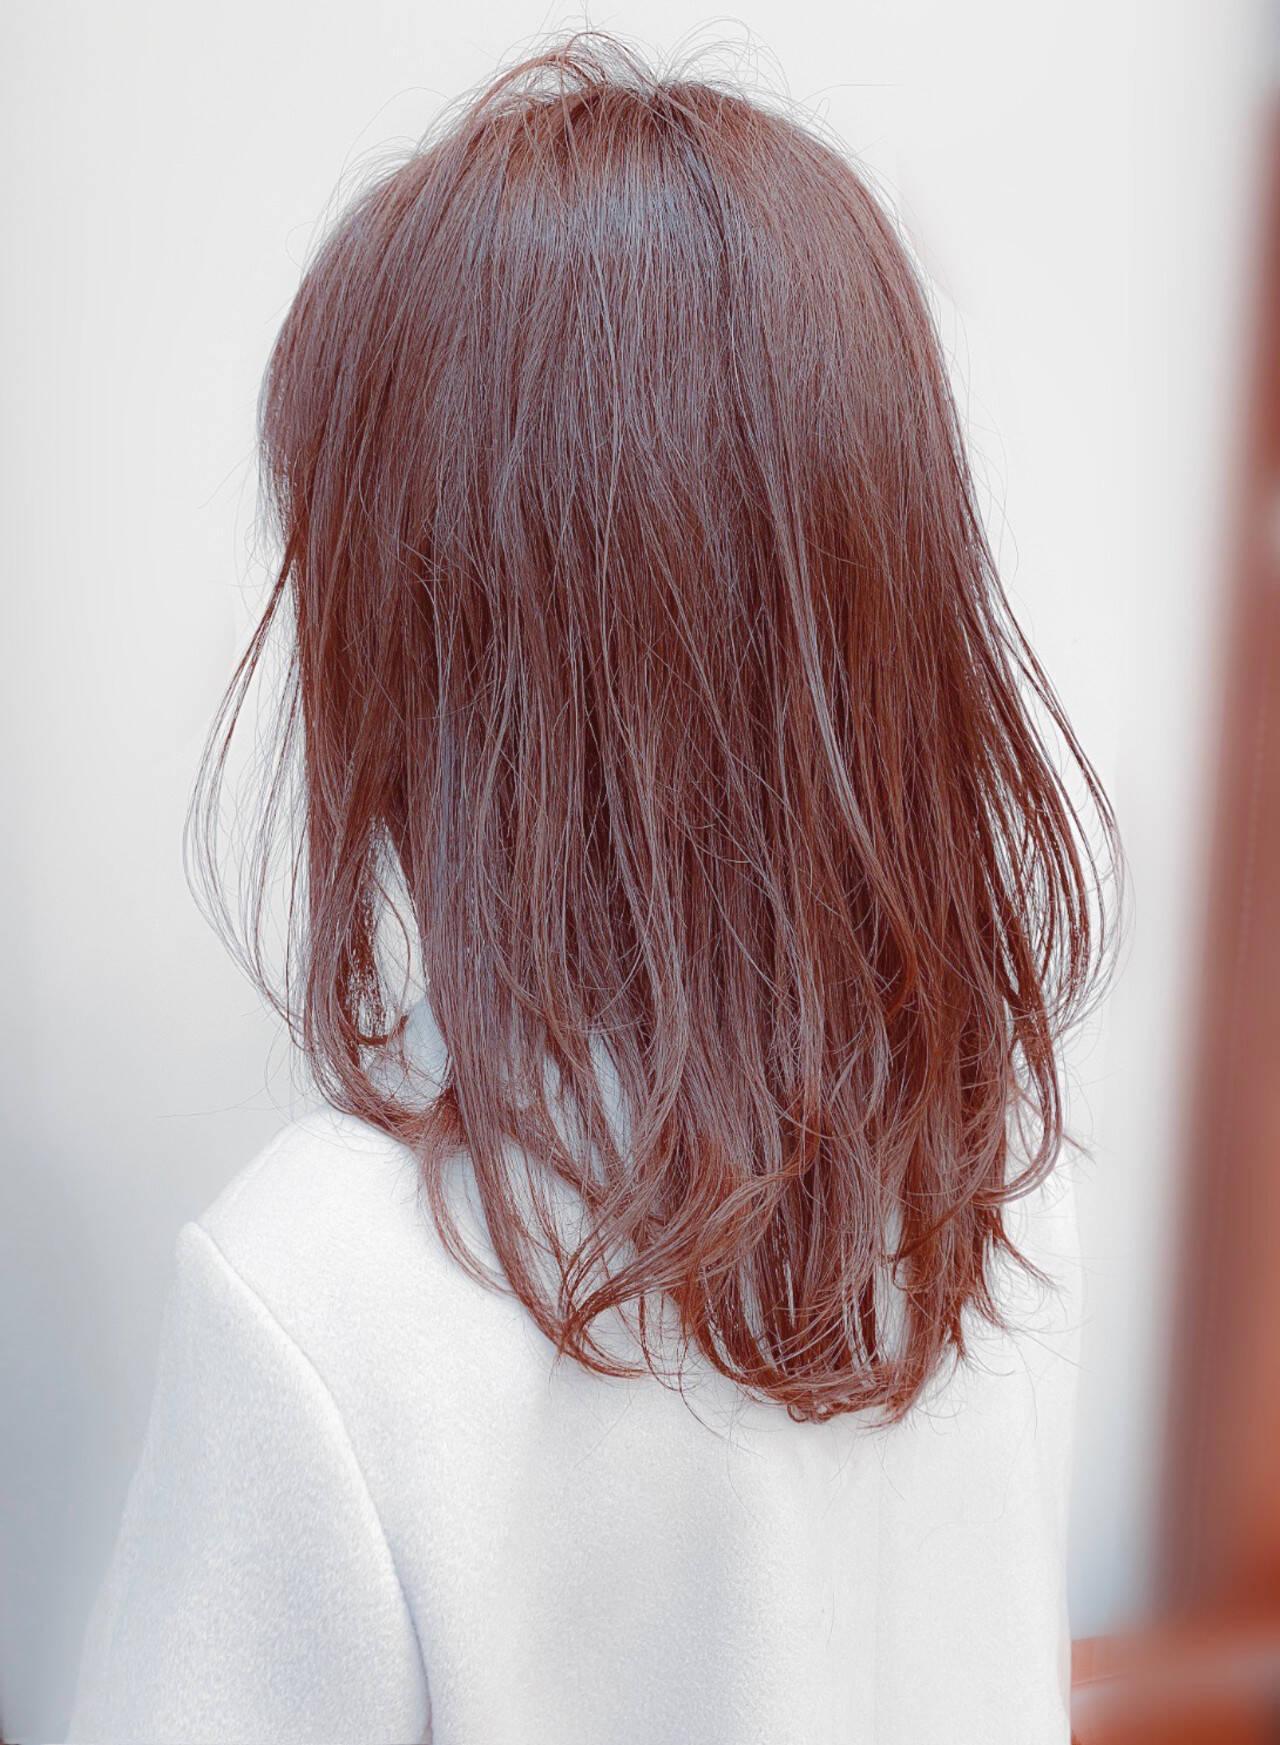 スウィングレイヤー レイヤーヘアー セミロング レイヤーカットヘアスタイルや髪型の写真・画像